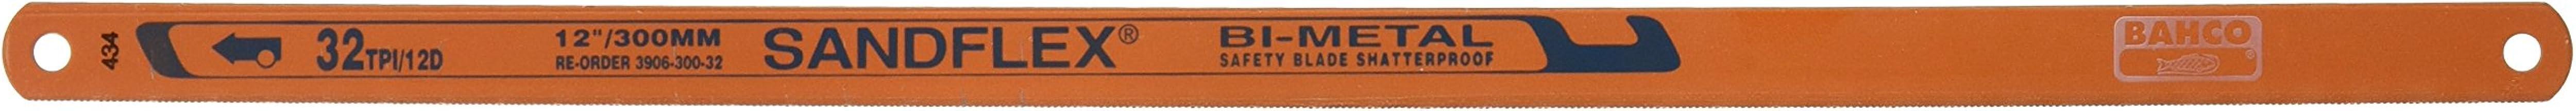 Bahco Sandflex Bi-metall handsågblad, 3 blad, 18, 24 och 32 TPI